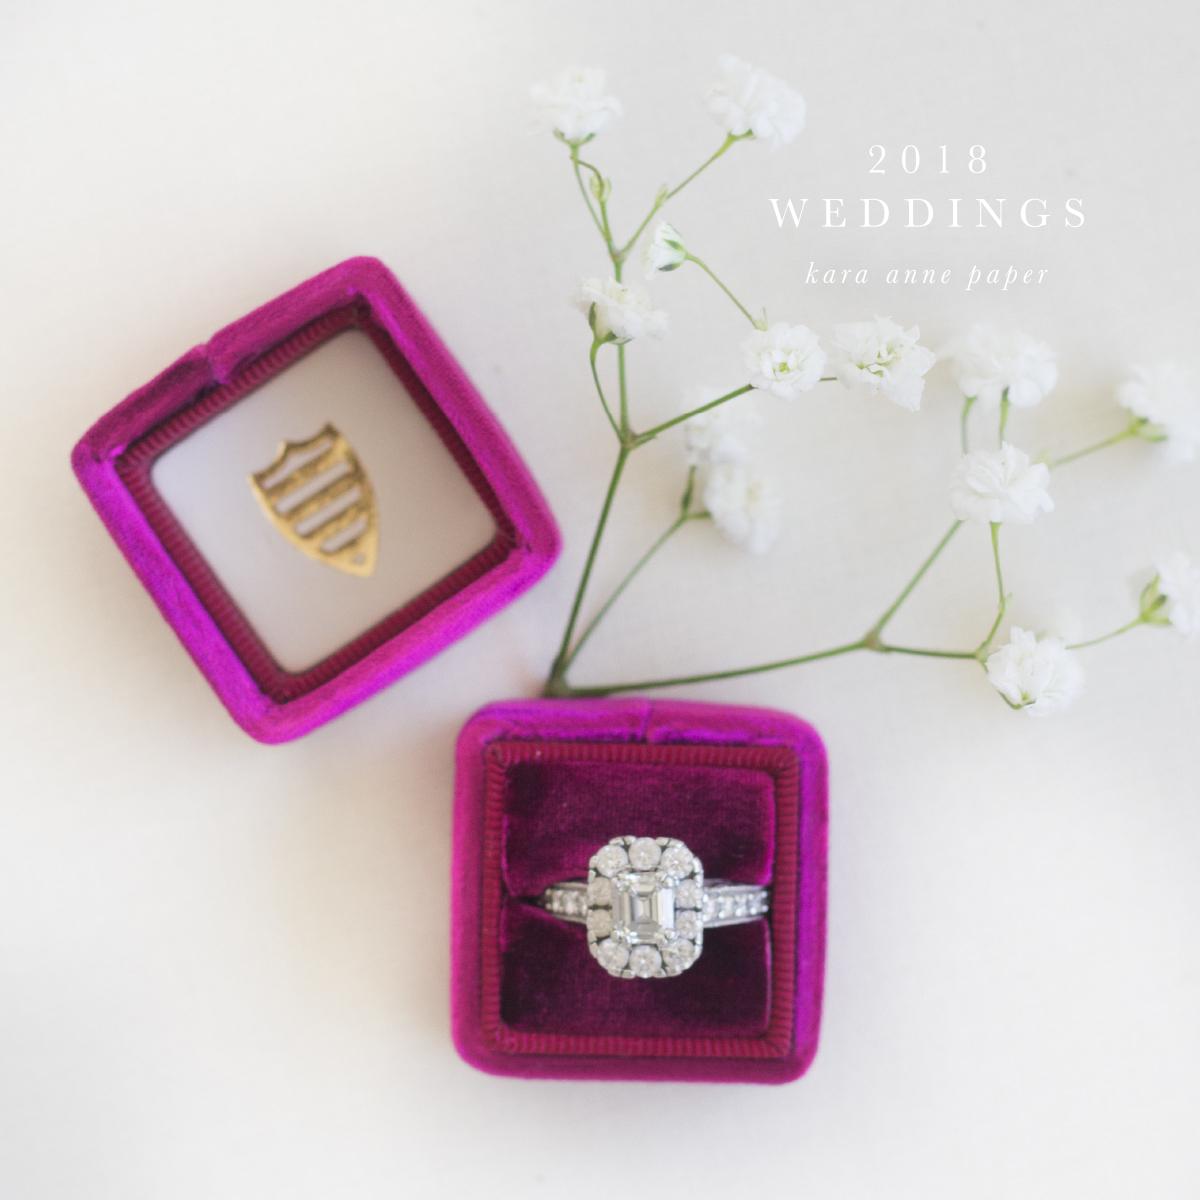 Kara Anne Paper  |  Heirloom Wedding Paper